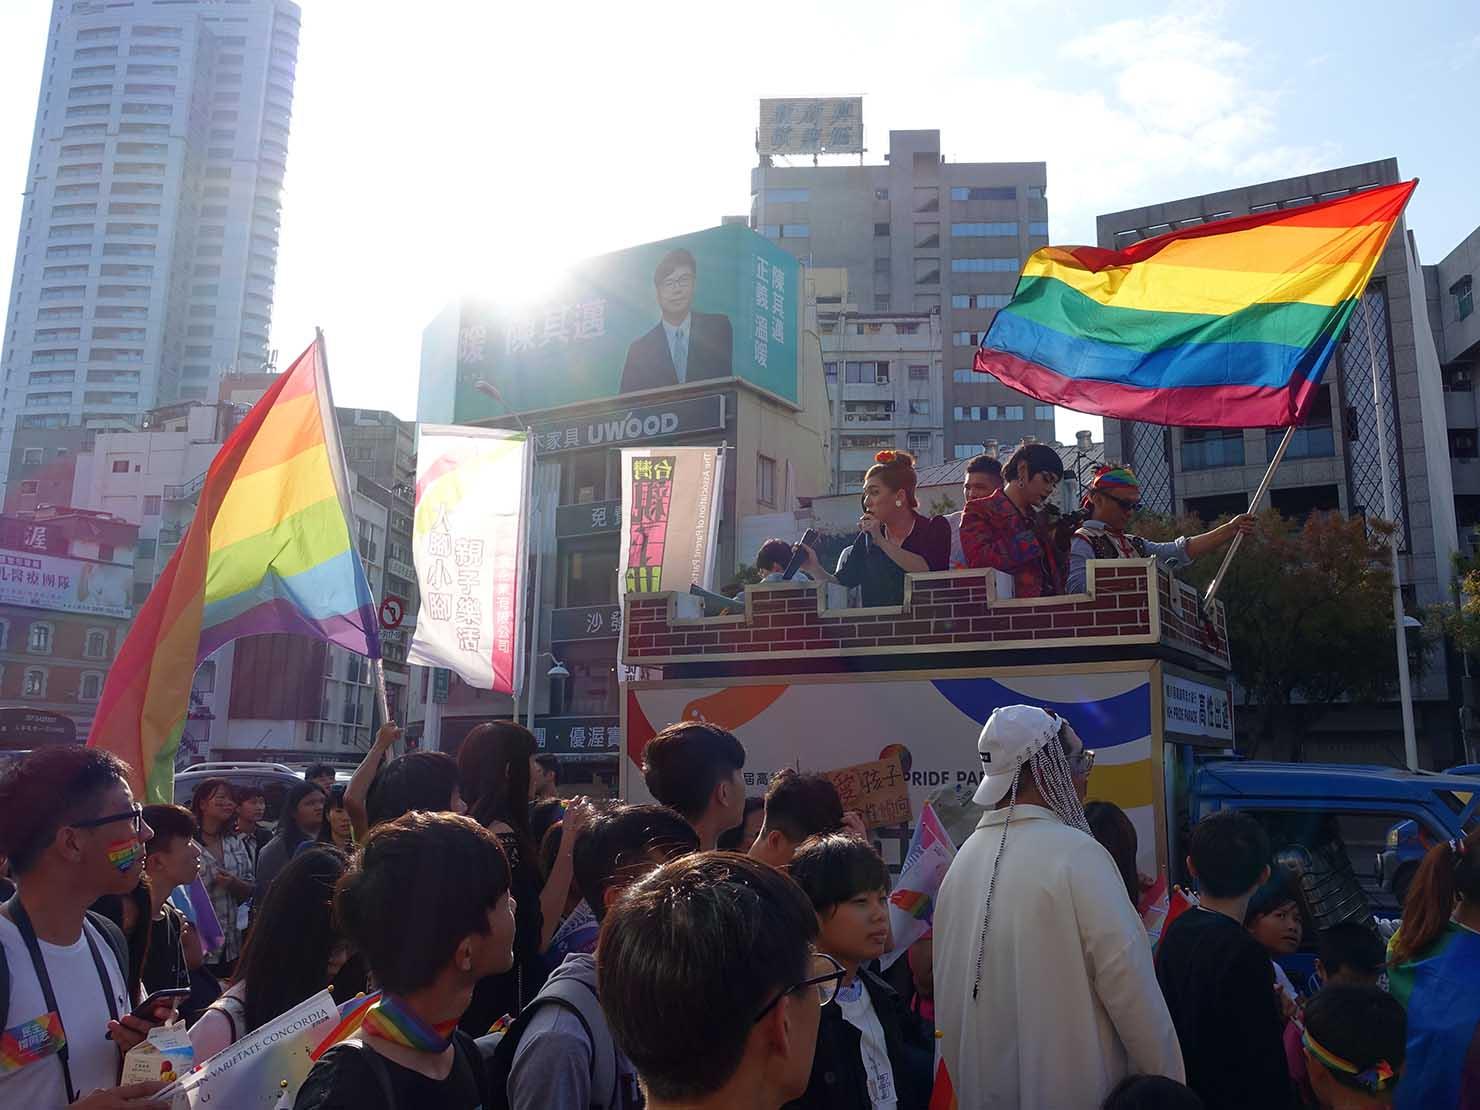 高雄同志大遊行(高雄レインボーパレード)2017のパレード隊列に降り注ぐ太陽